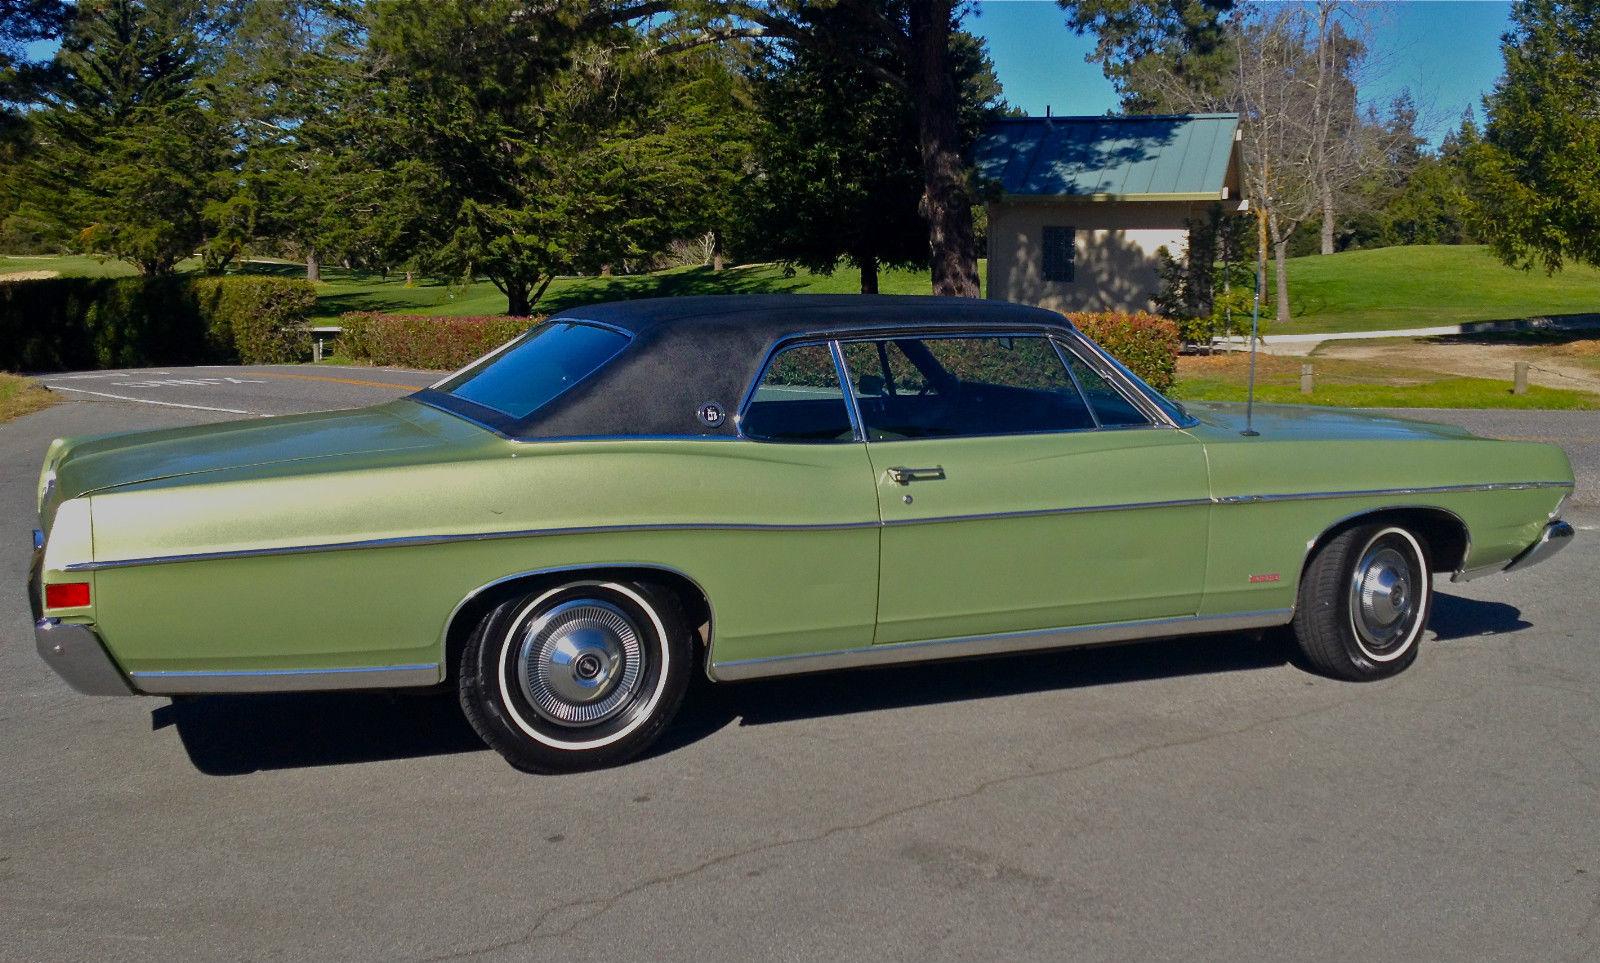 1968 Ford LTD For Sale In Santa Cruz, California, United